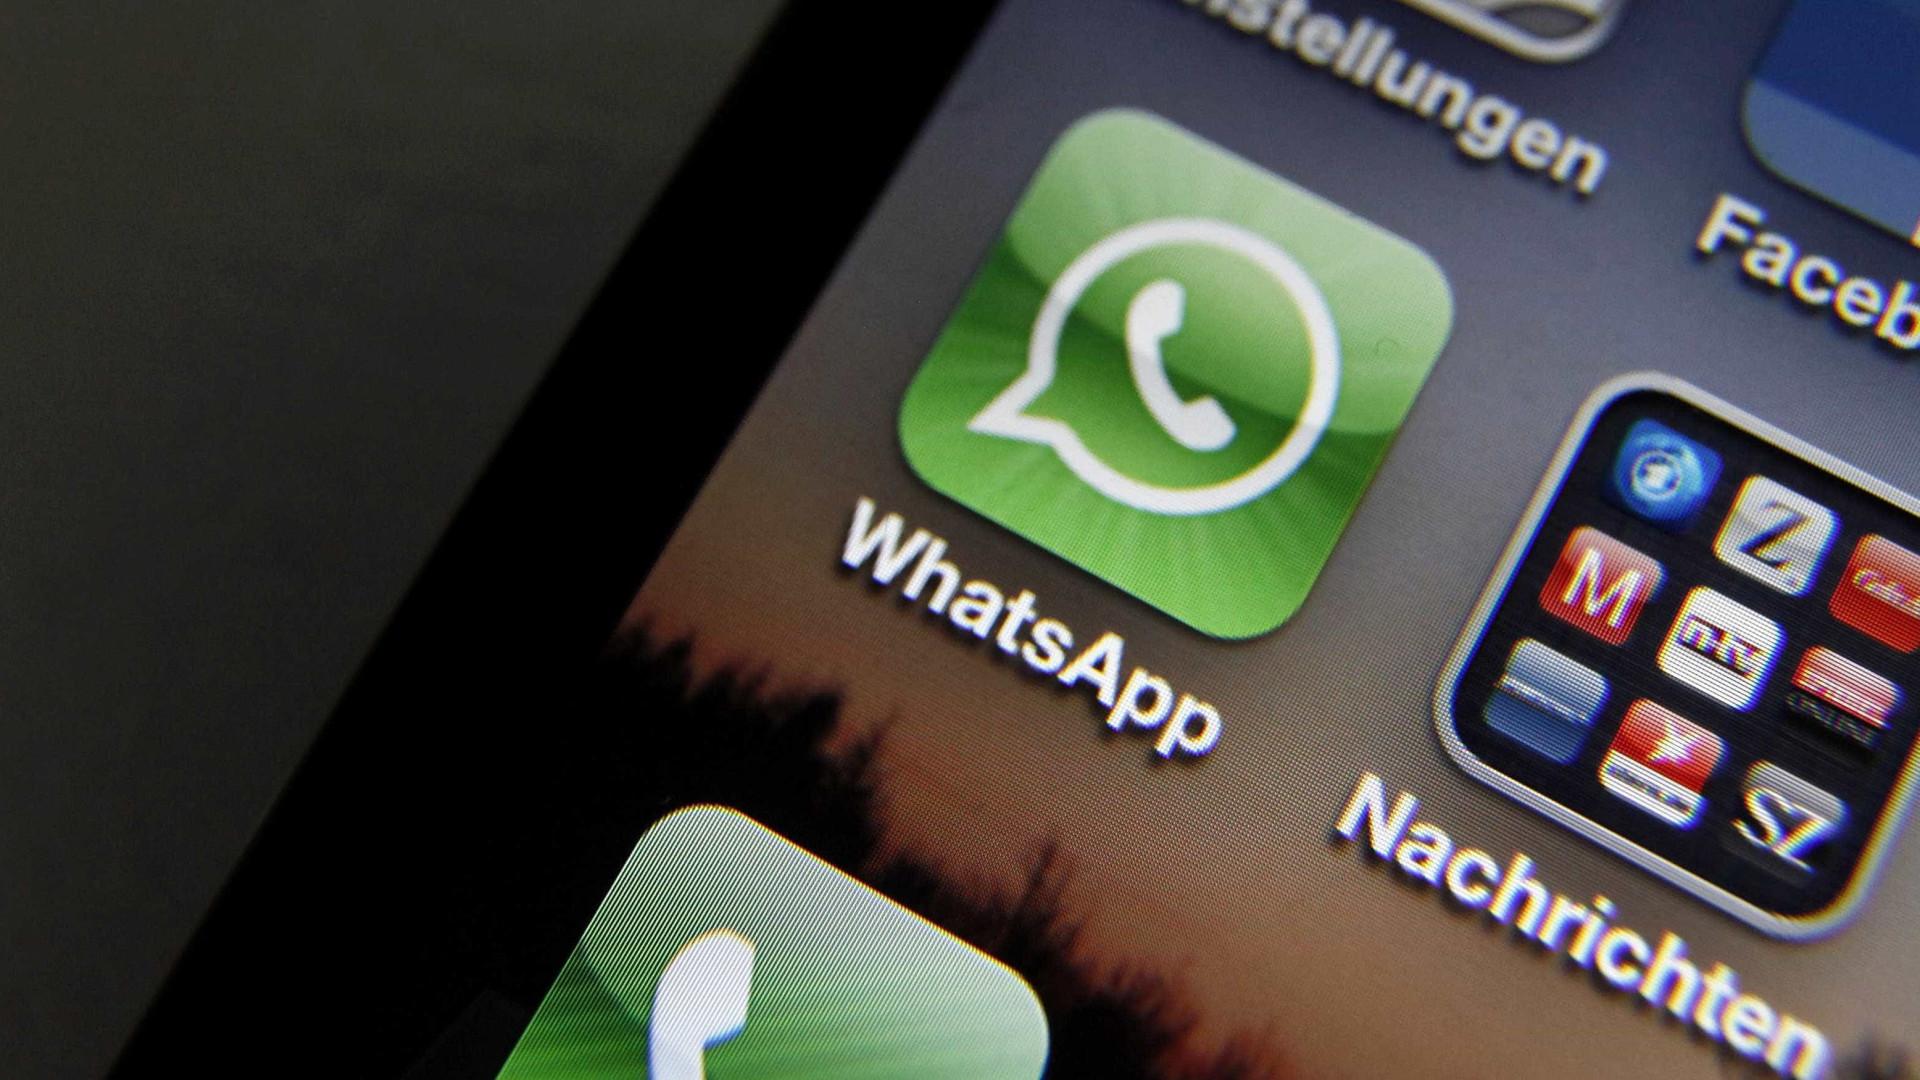 WhatsApp recorre da decisão de bloqueio